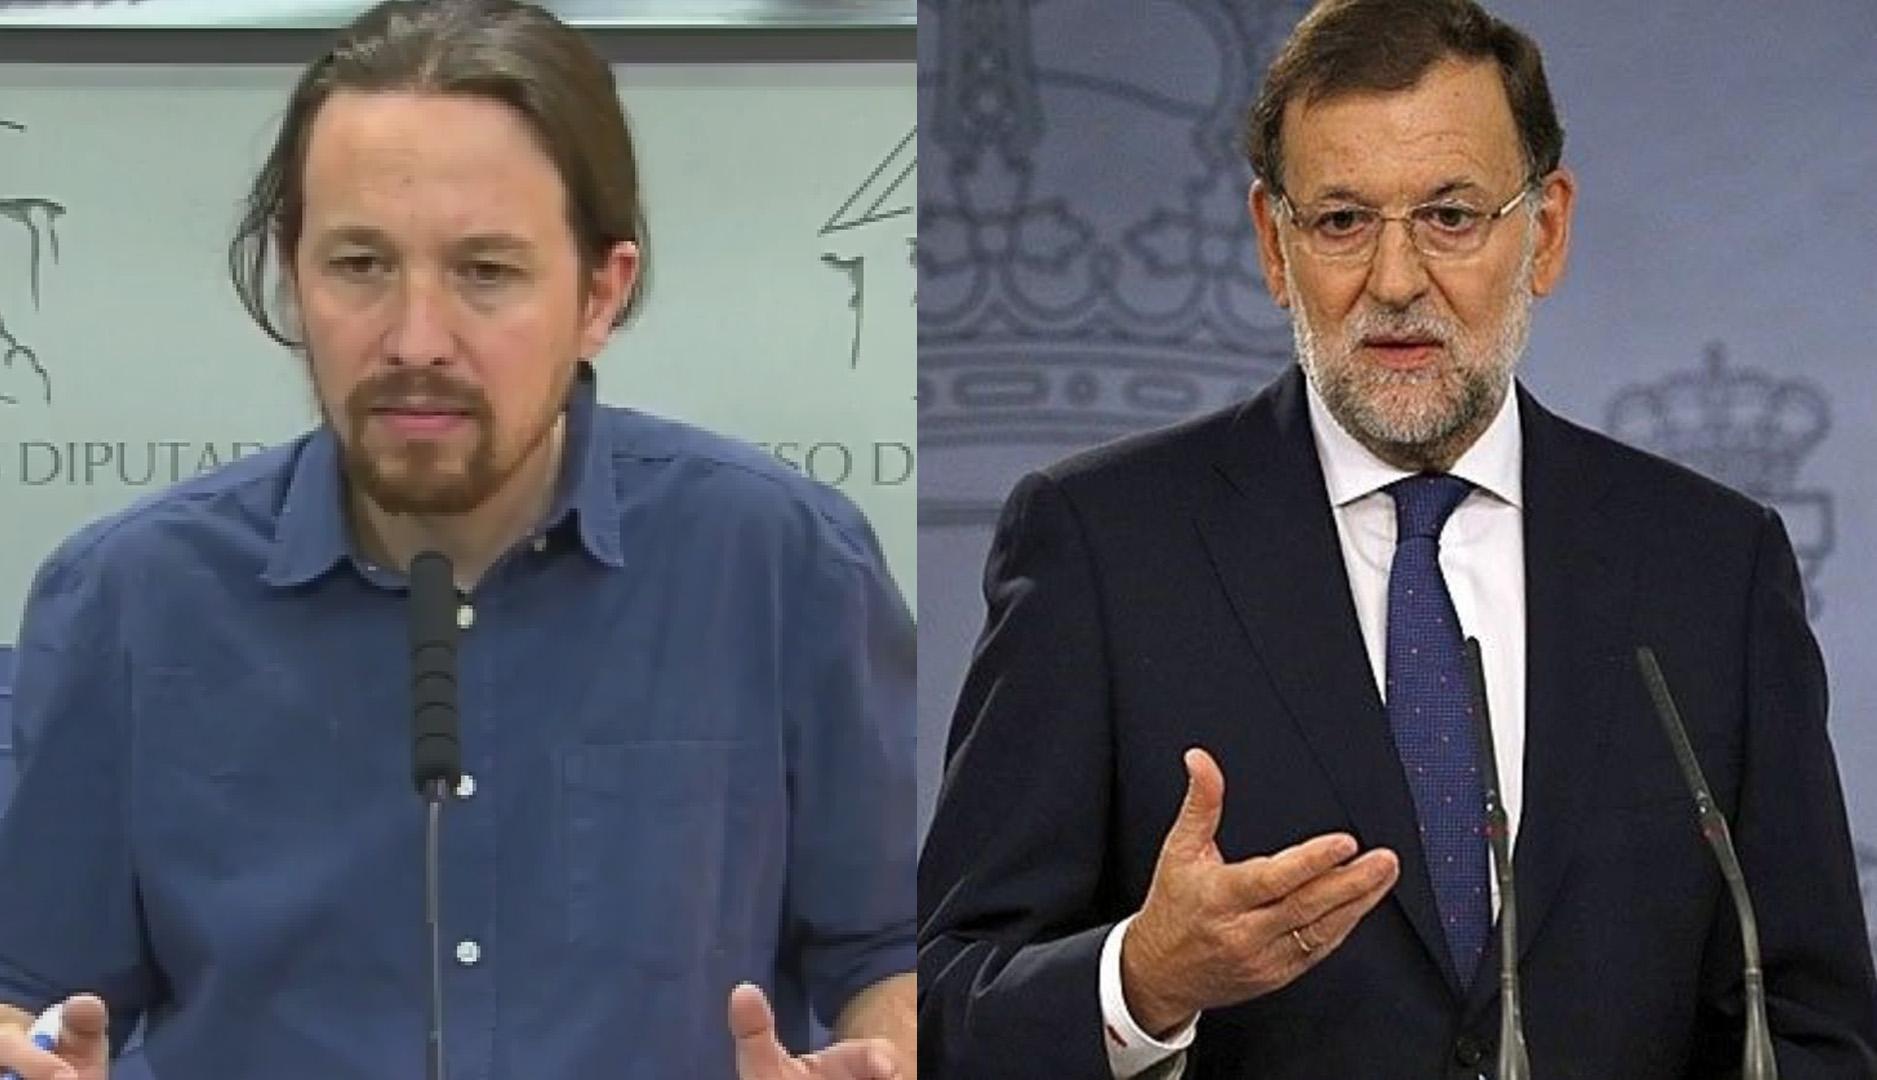 El presidente español, Mariano Rajoy, citado por la Audiencia Nacional. Podemos pide que comparezca también en el Congreso